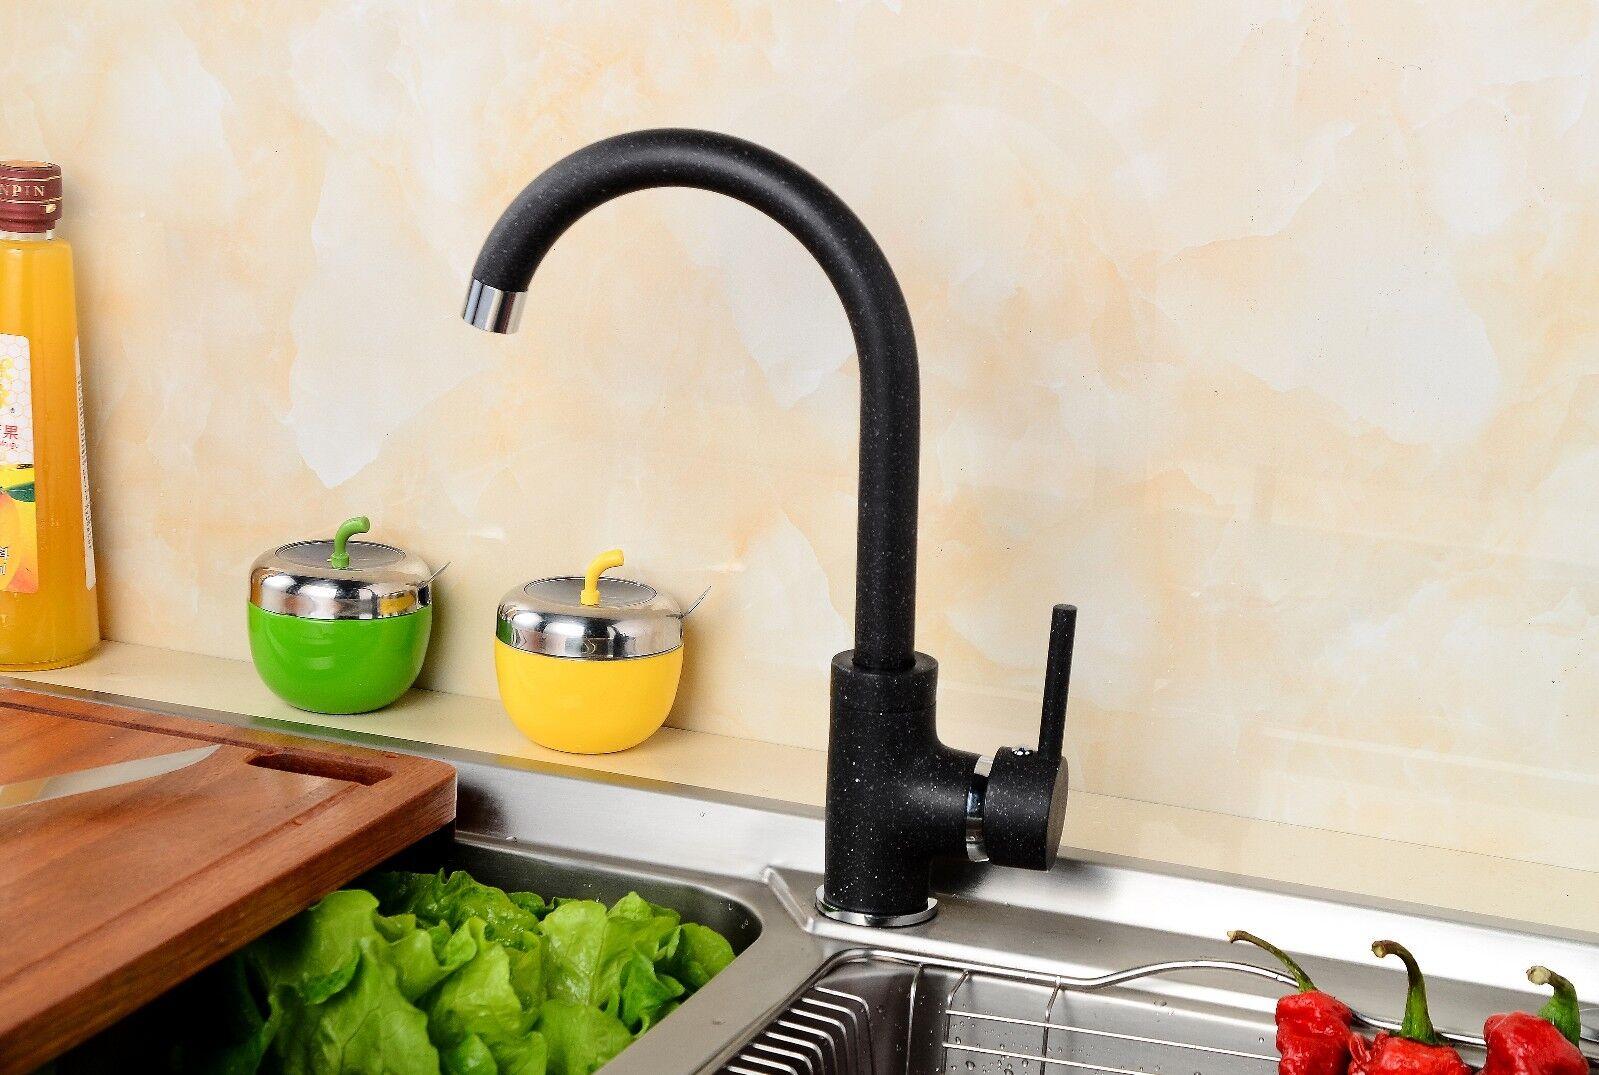 Moderne Granit Küchen Armatur Einhandmischer Wasserhahn schwenkbar in Schwarz | Tragen-wider  | Outlet Online  | Qualitativ Hochwertiges Produkt  | Online-Exportgeschäft